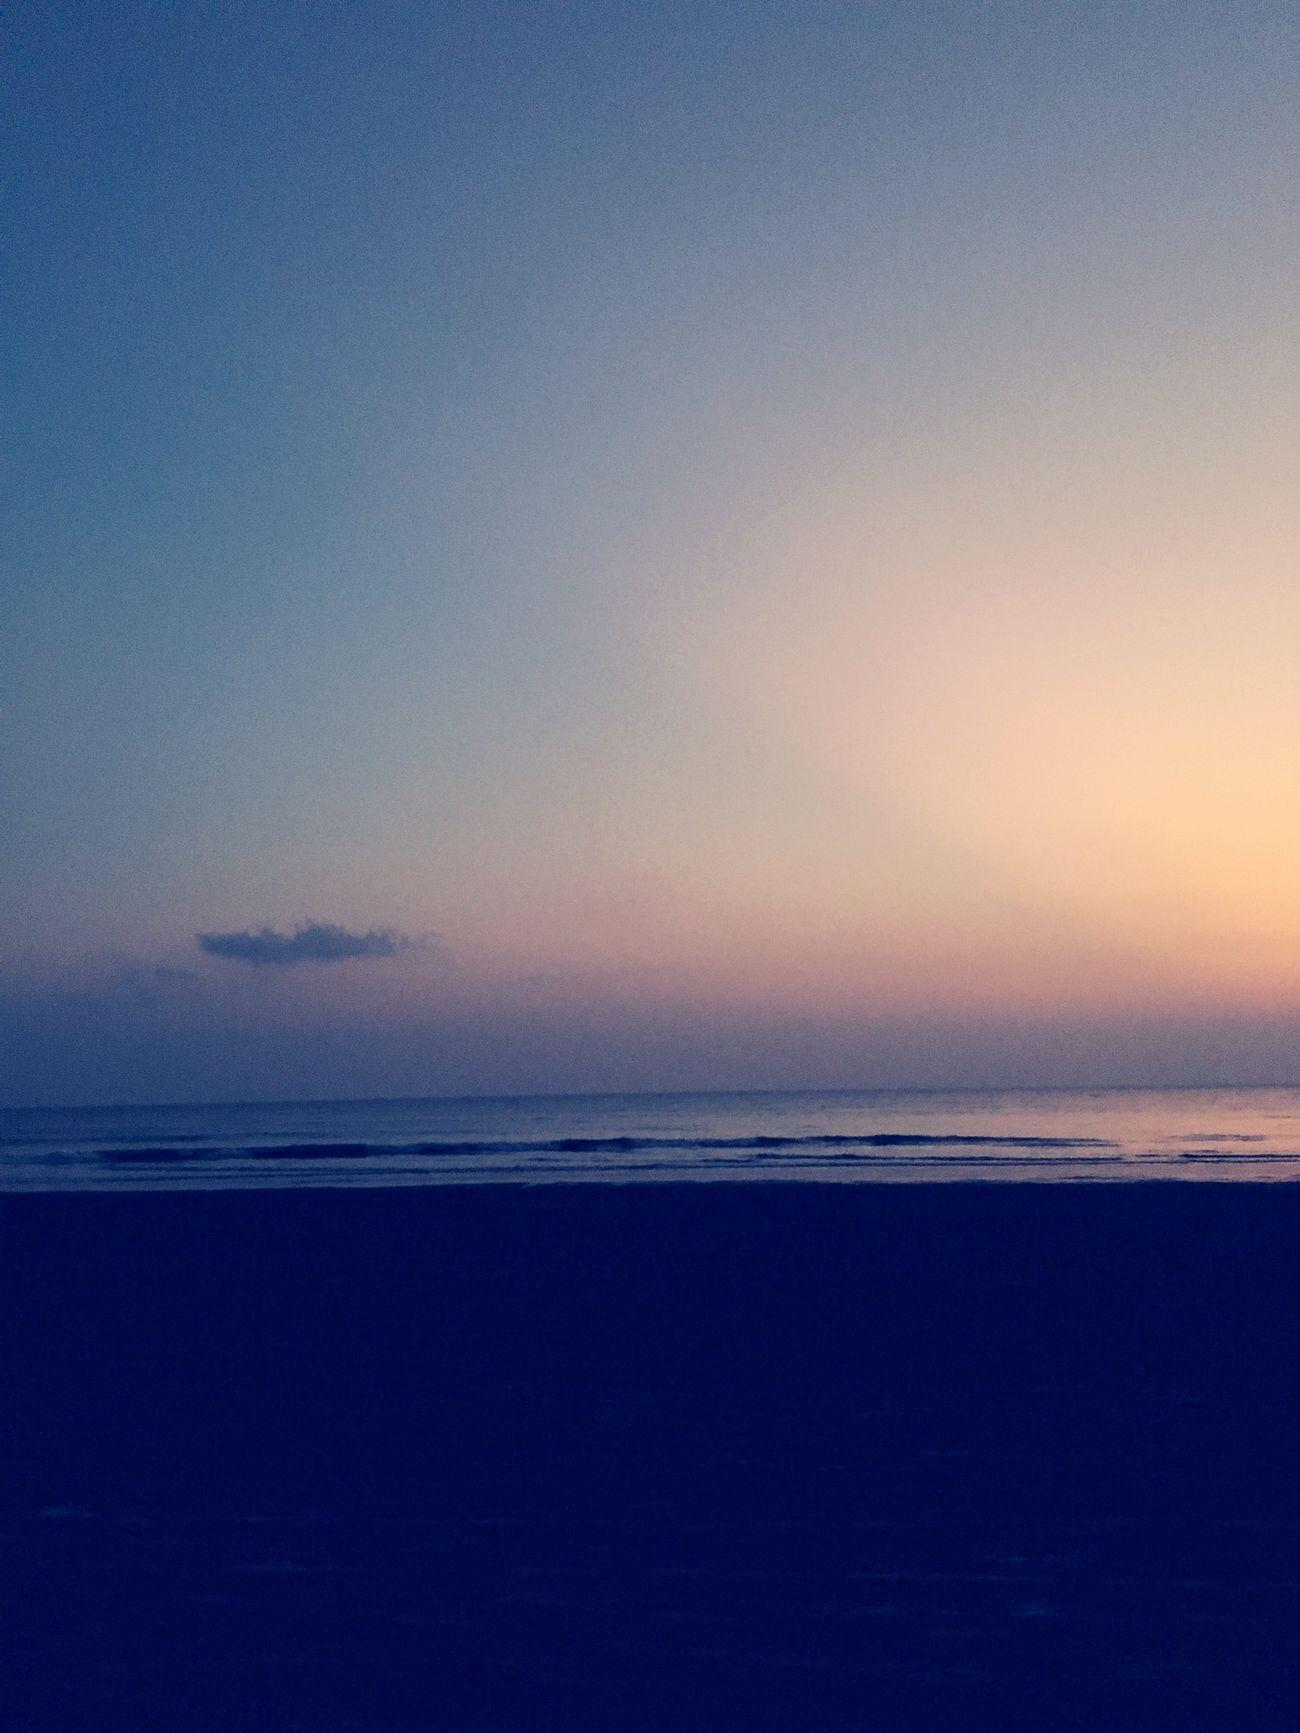 ทะเลสีดำ ไม่นานก็เช้า